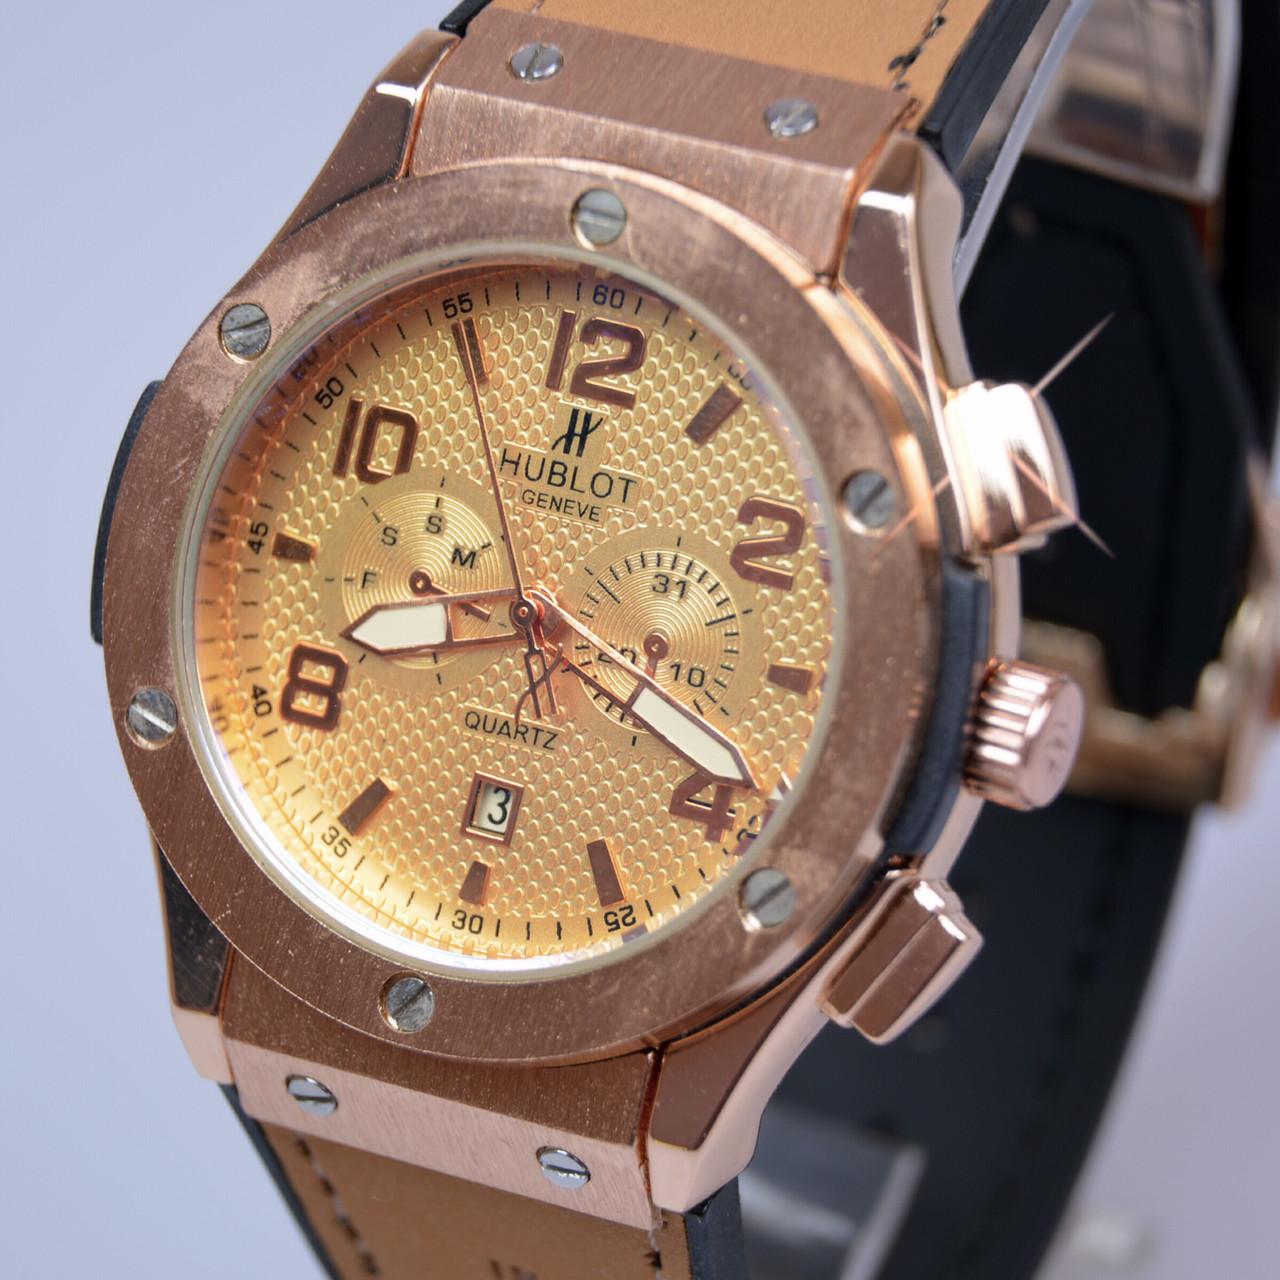 Мужские наручные часы HUBLoT Big Bang Gold календарь